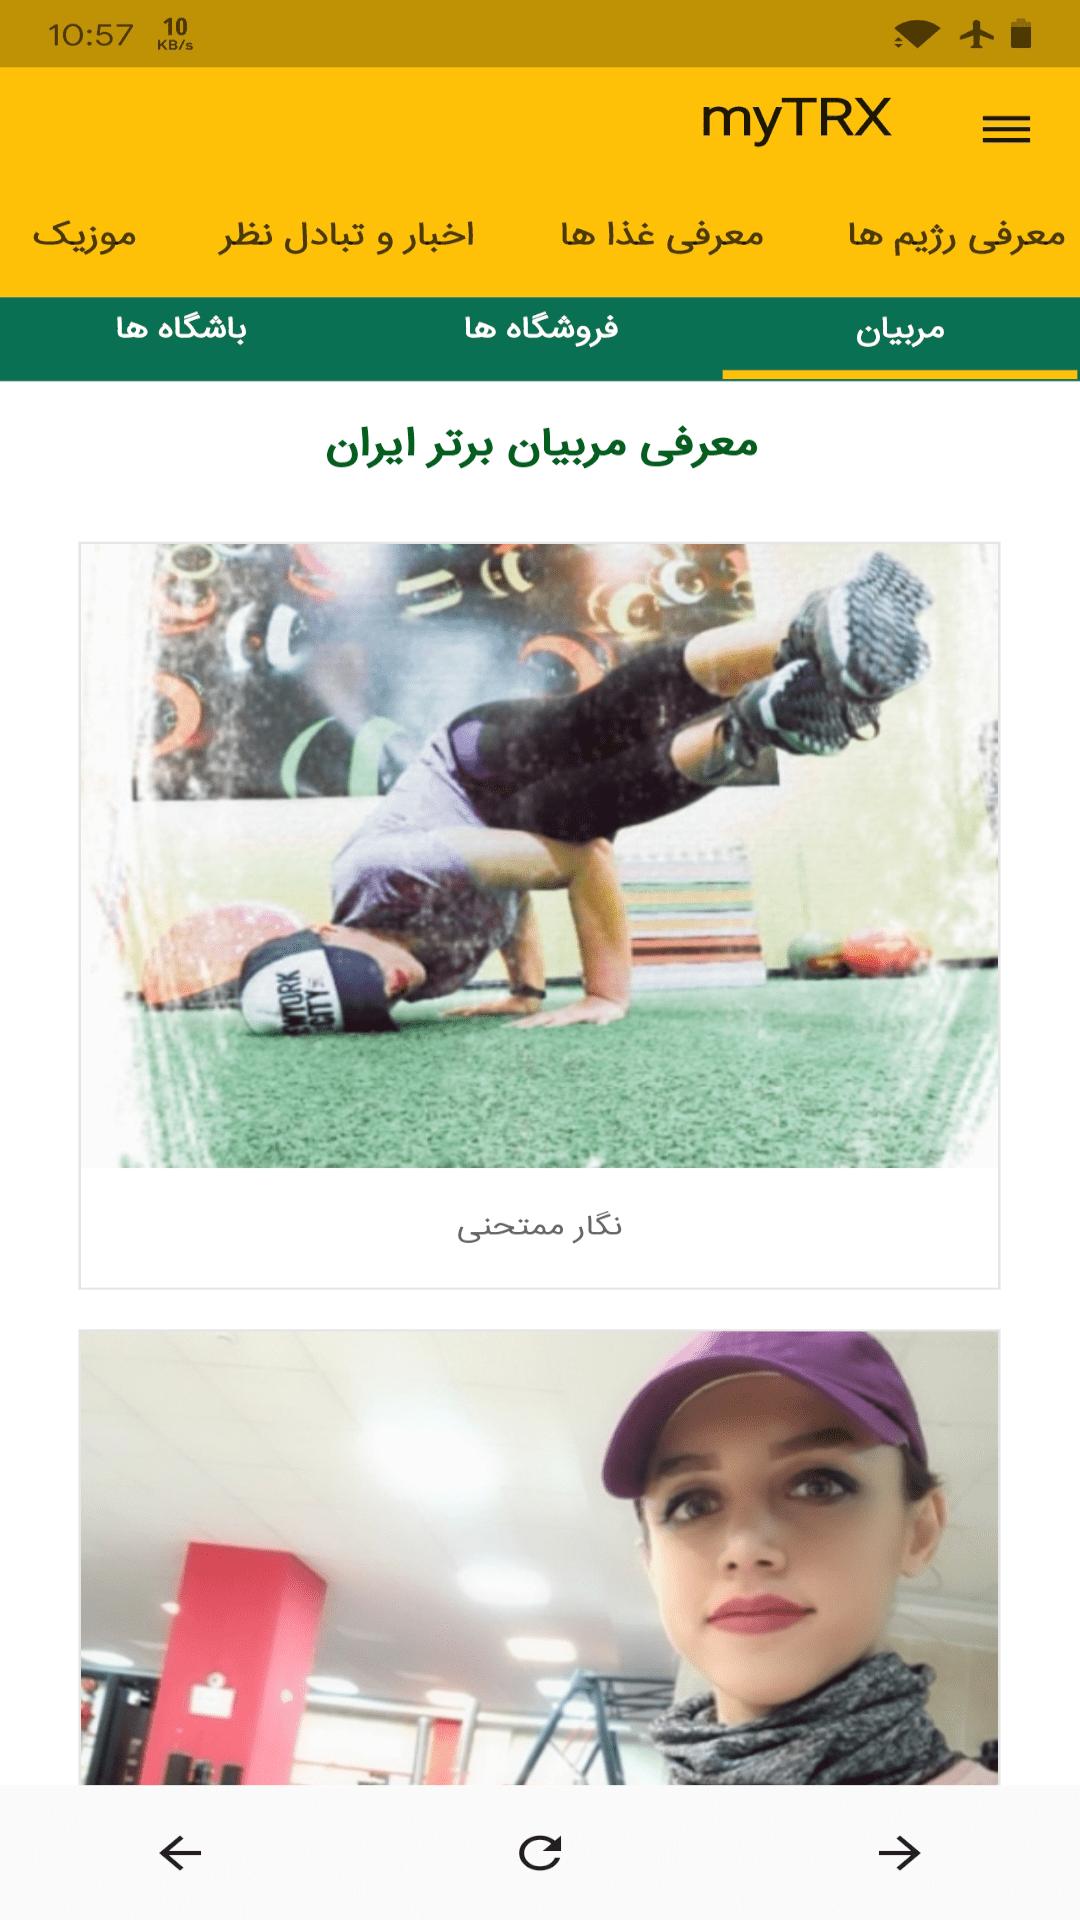 دانلود نرم افزار TRX و معرفی برتر تی آر ایکس